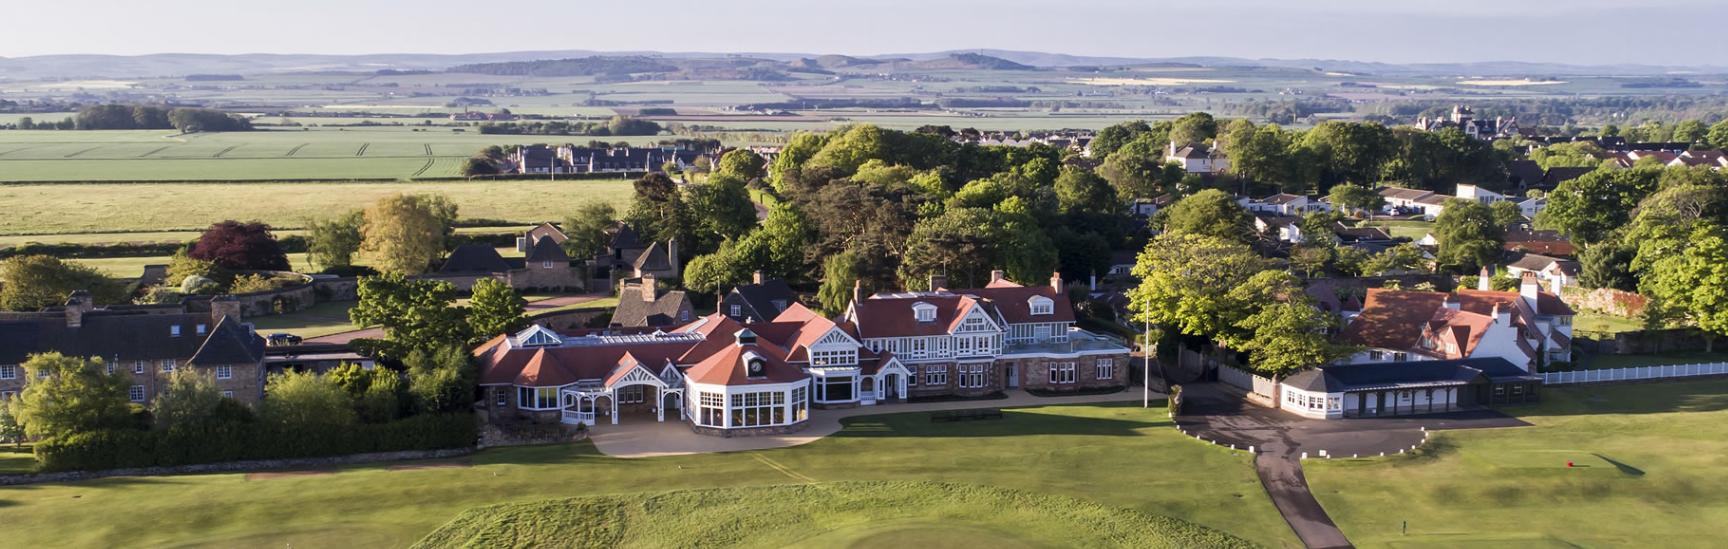 los mejores campos de golf del mundo: muirfield golf scotland 3